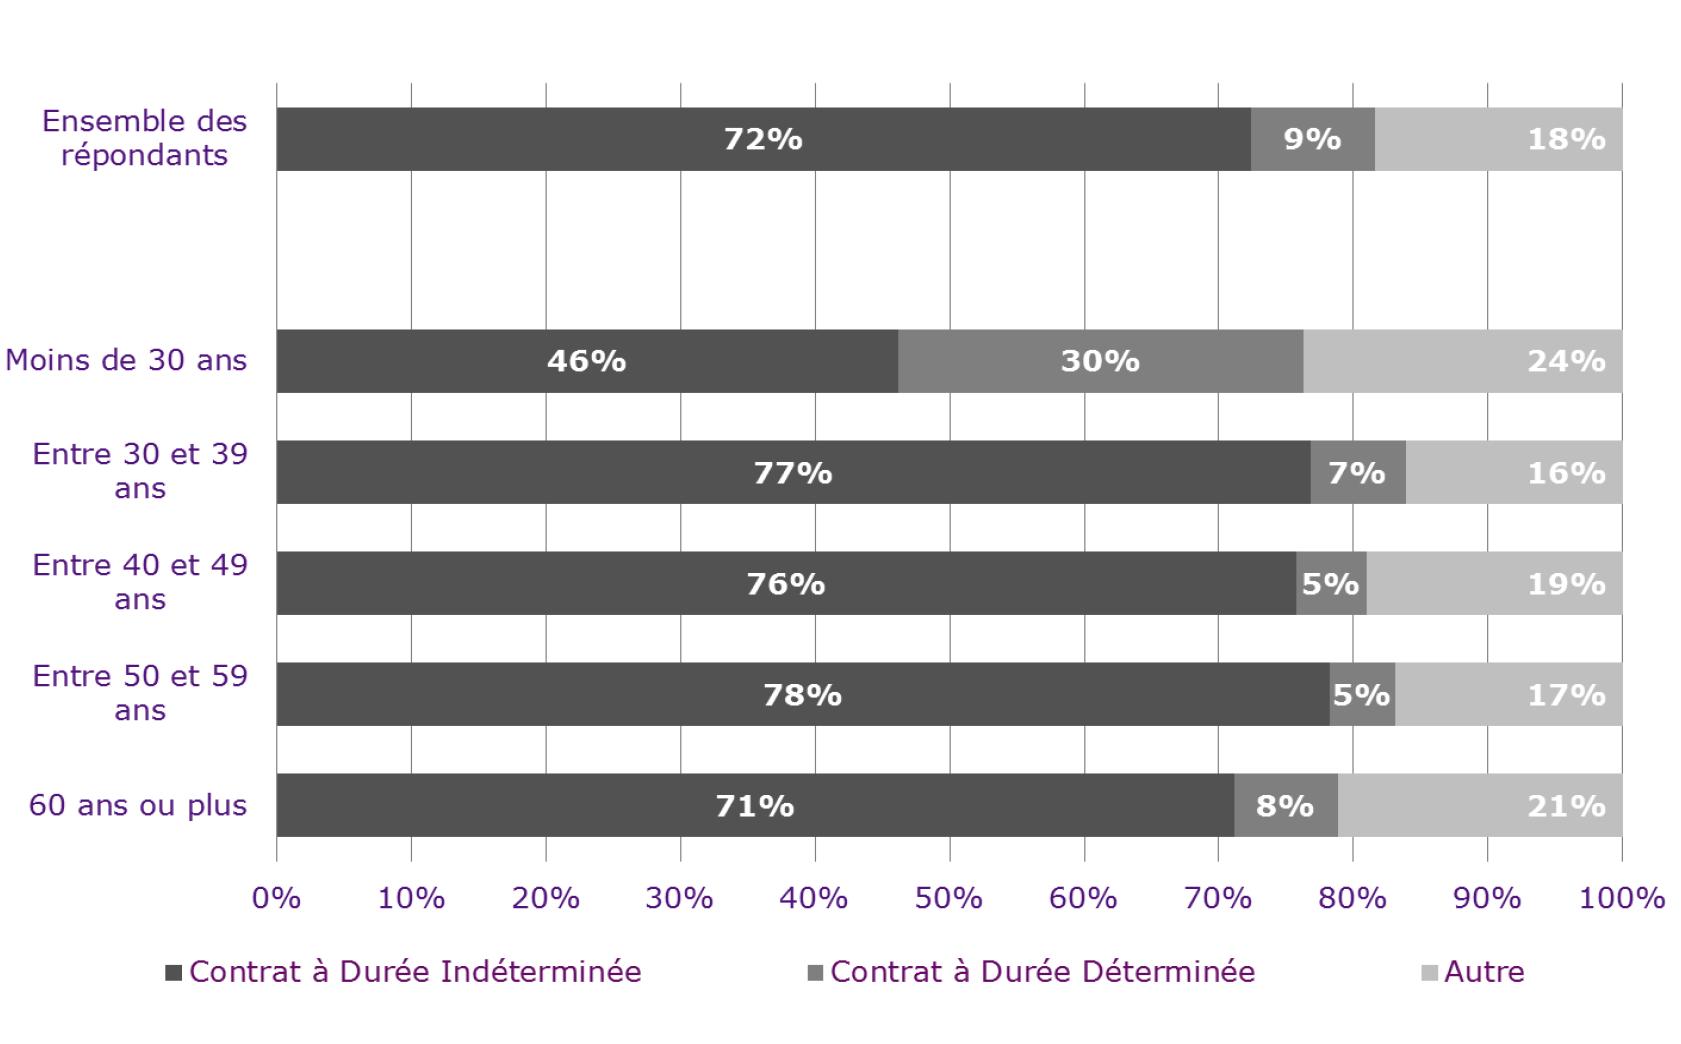 L'entrée dans la profession en CDI se fait de plus en plus tard. Si 72% des journalistes bénéficient d'un contrat de travail à durée indéterminée, ce taux chute à 46 % pour les moins de trente ans